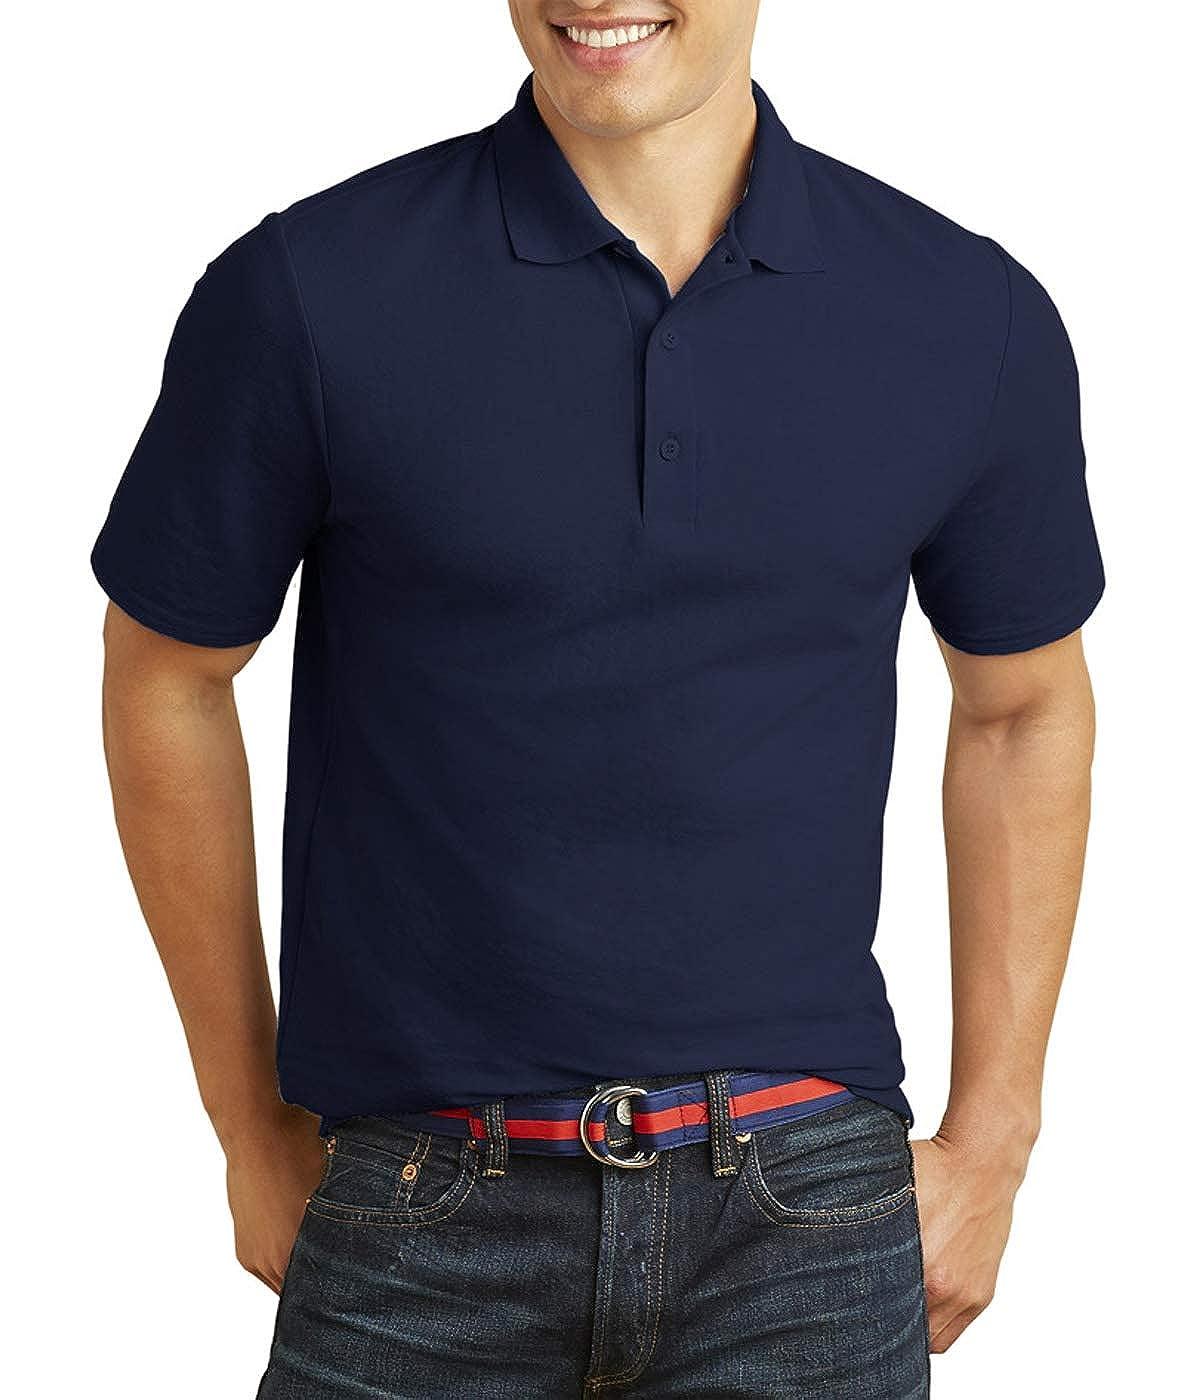 Gildan Mens Moisture Wicking Bottom Hem Pique Polo Shirt